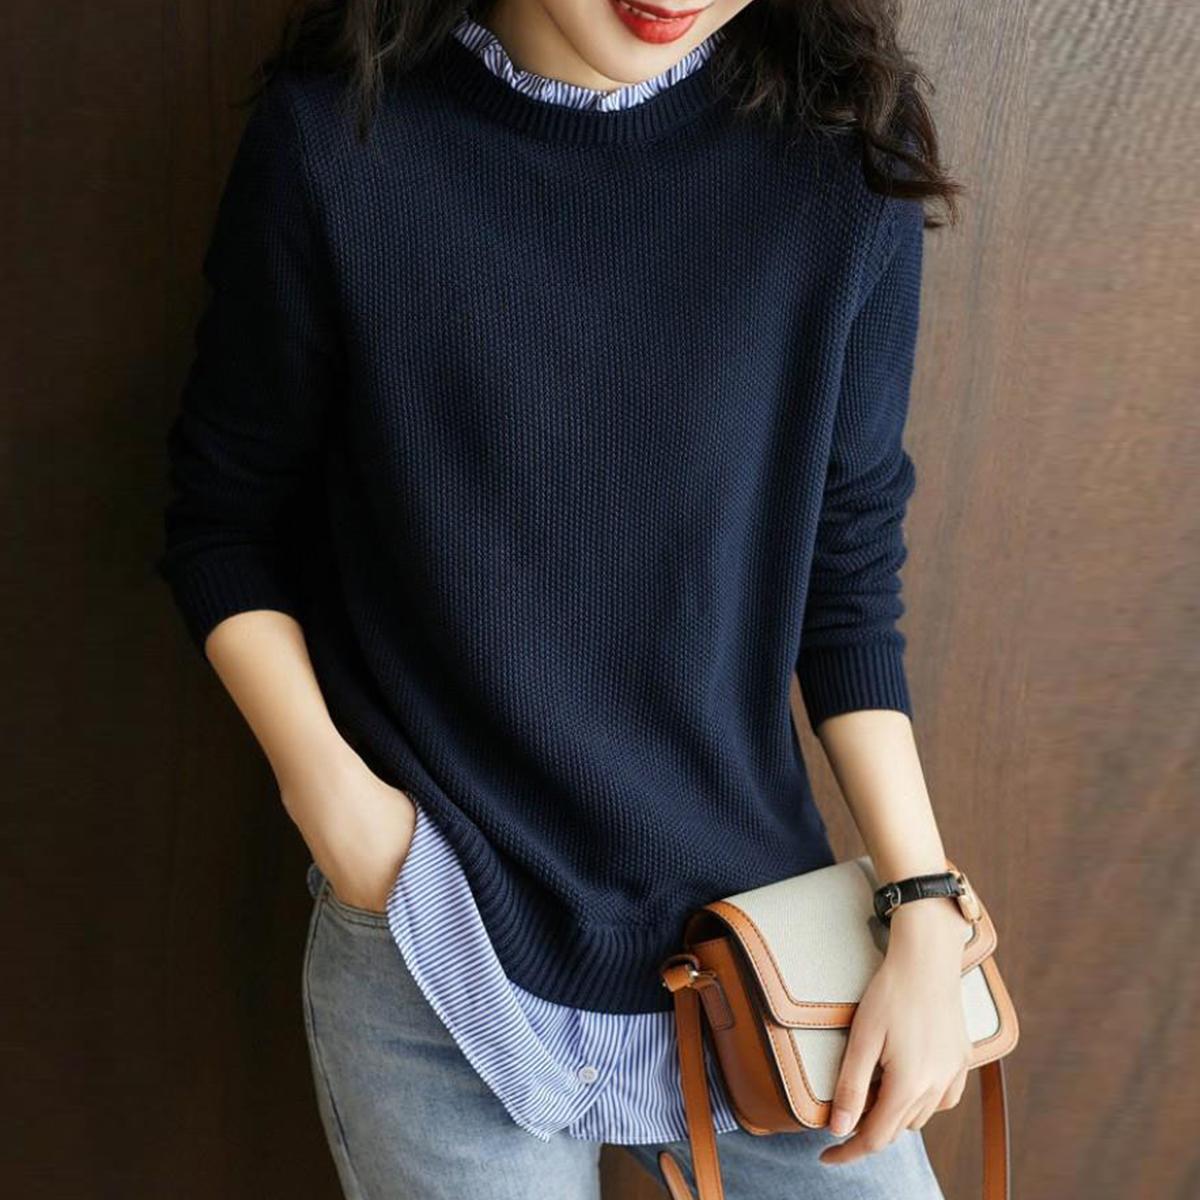 笑涵閣假兩件針織衫女秋冬打底上衣氣質設計感木耳邊修身顯瘦毛衣